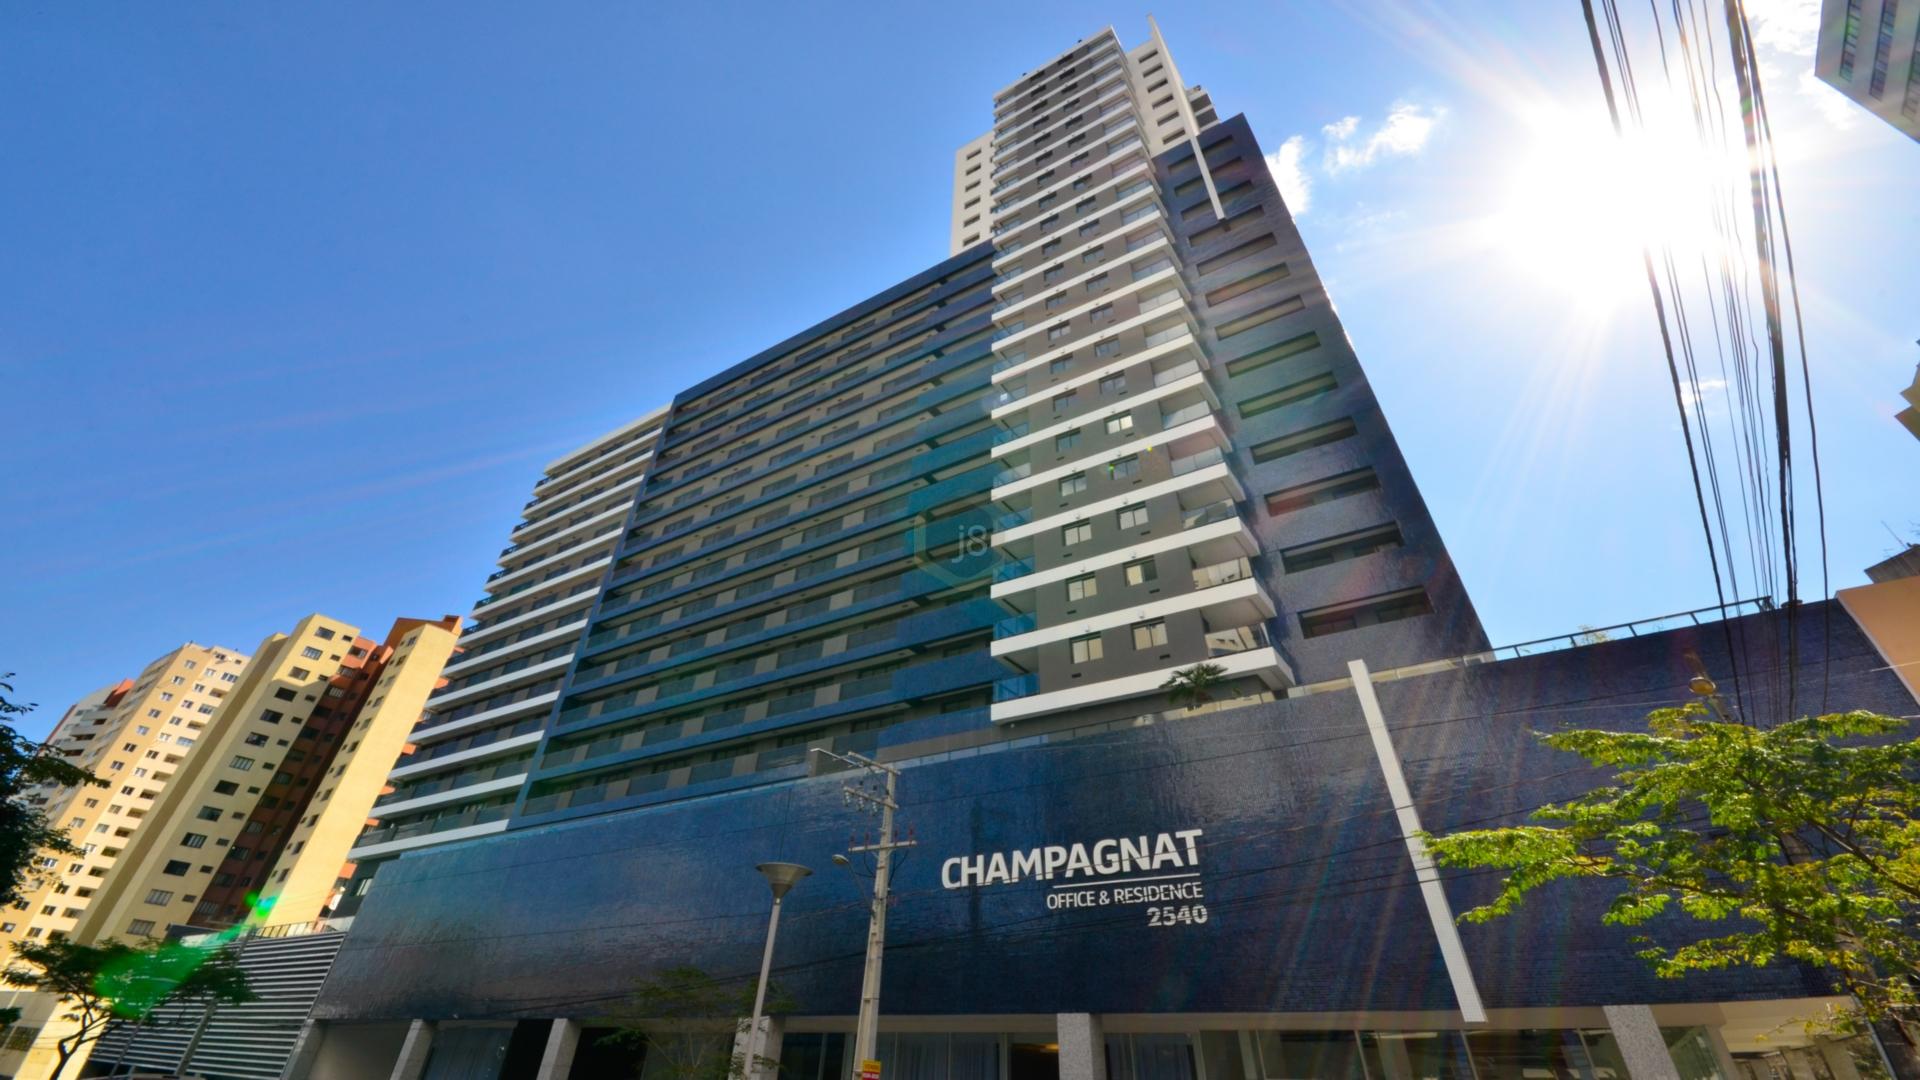 Loja à venda em Champagnat, Curitiba - PR